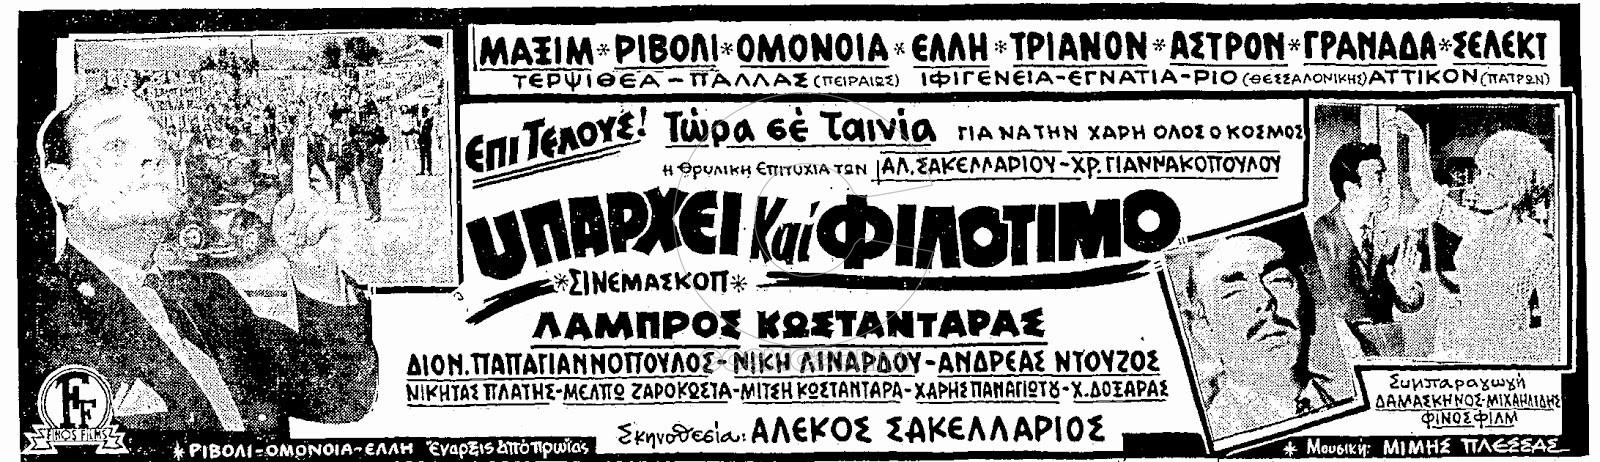 Υπάρχει και φιλότιμο (3.1.1966)